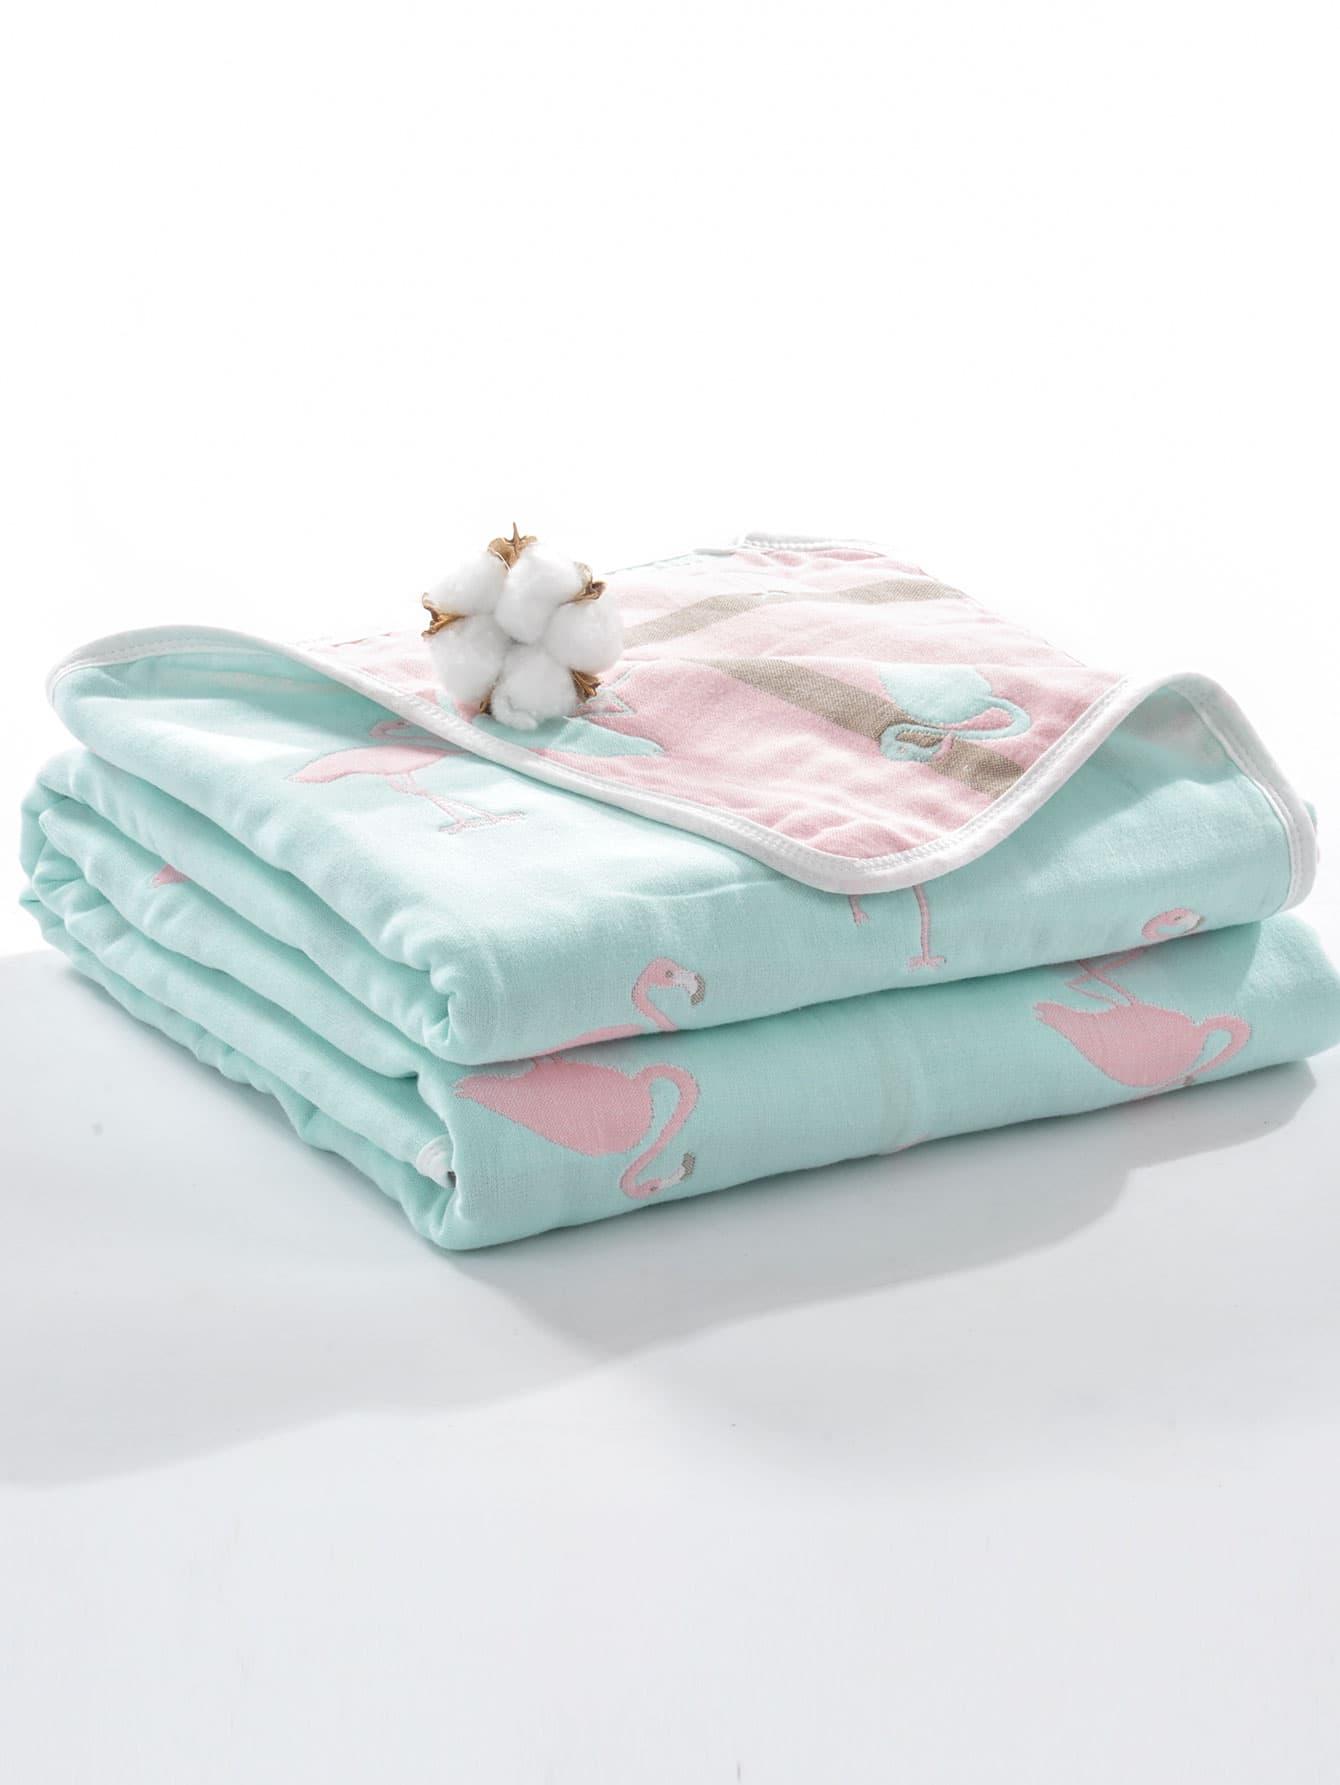 Плюшевое одеяло с рисунками фламинго для детей, null, SheIn  - купить со скидкой